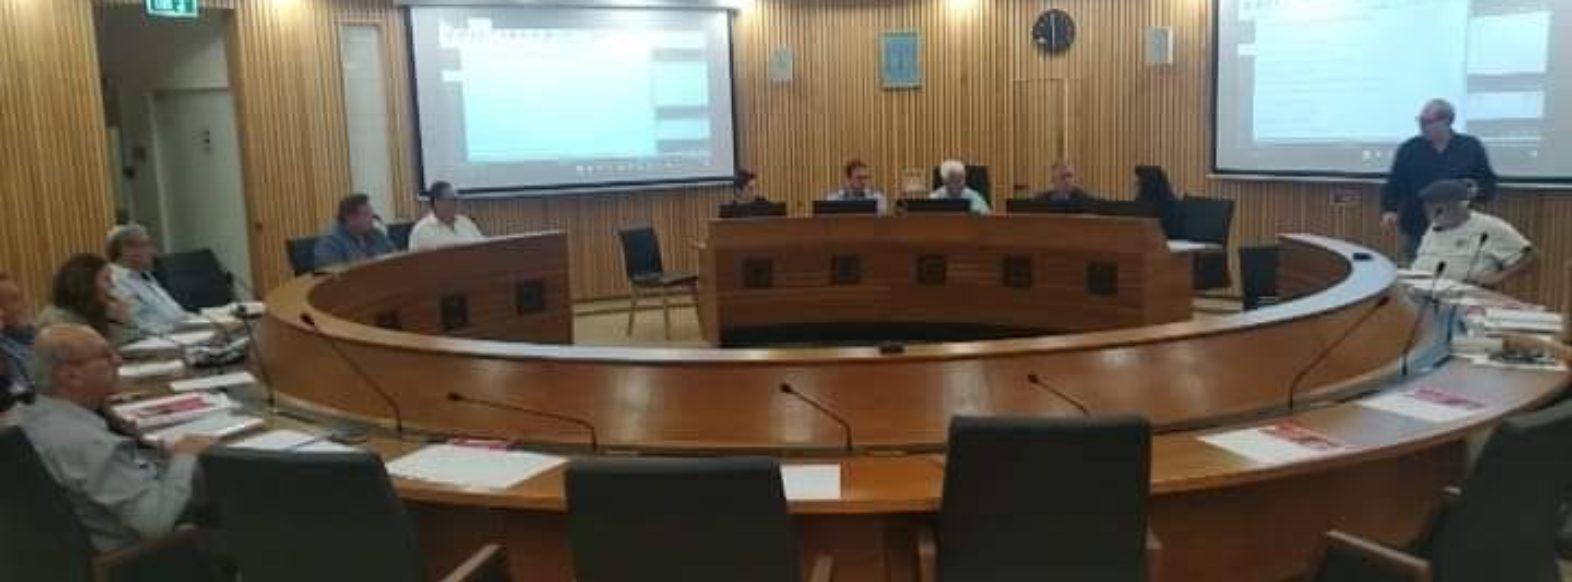 ישיבת מועצת העיר בקריית מוצקין עברה ללא רעשי רקע והפרעות